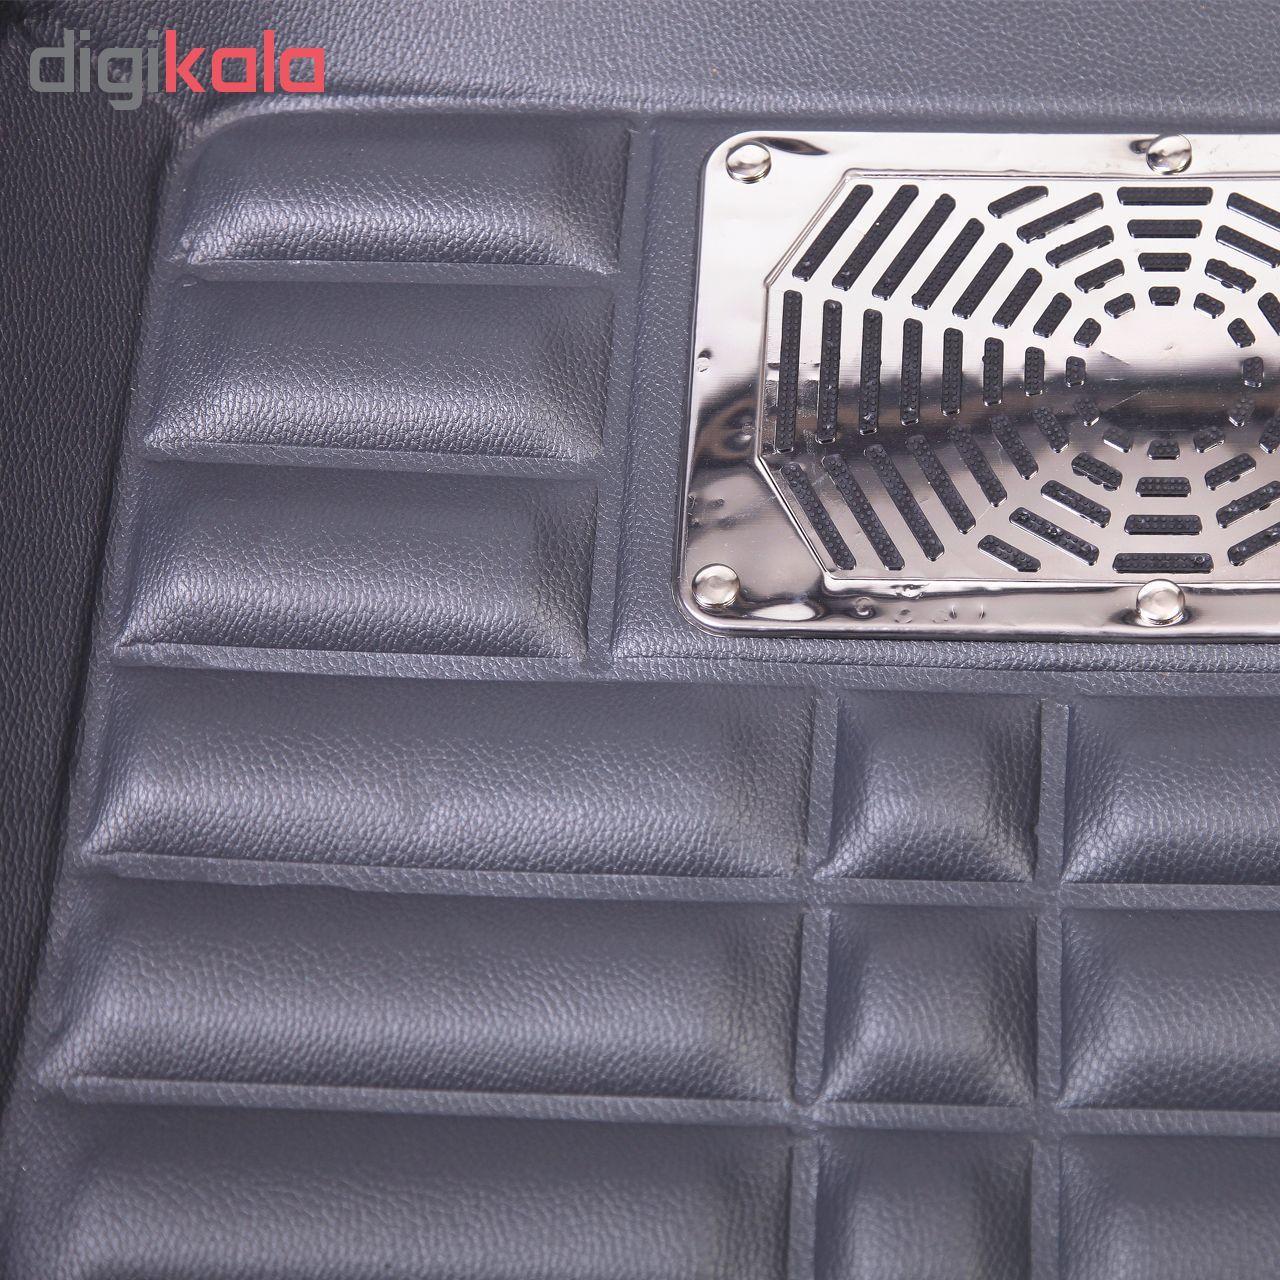 کفپوش سه بعدی خودرو  کد 99 مناسب برای ساینا main 1 1